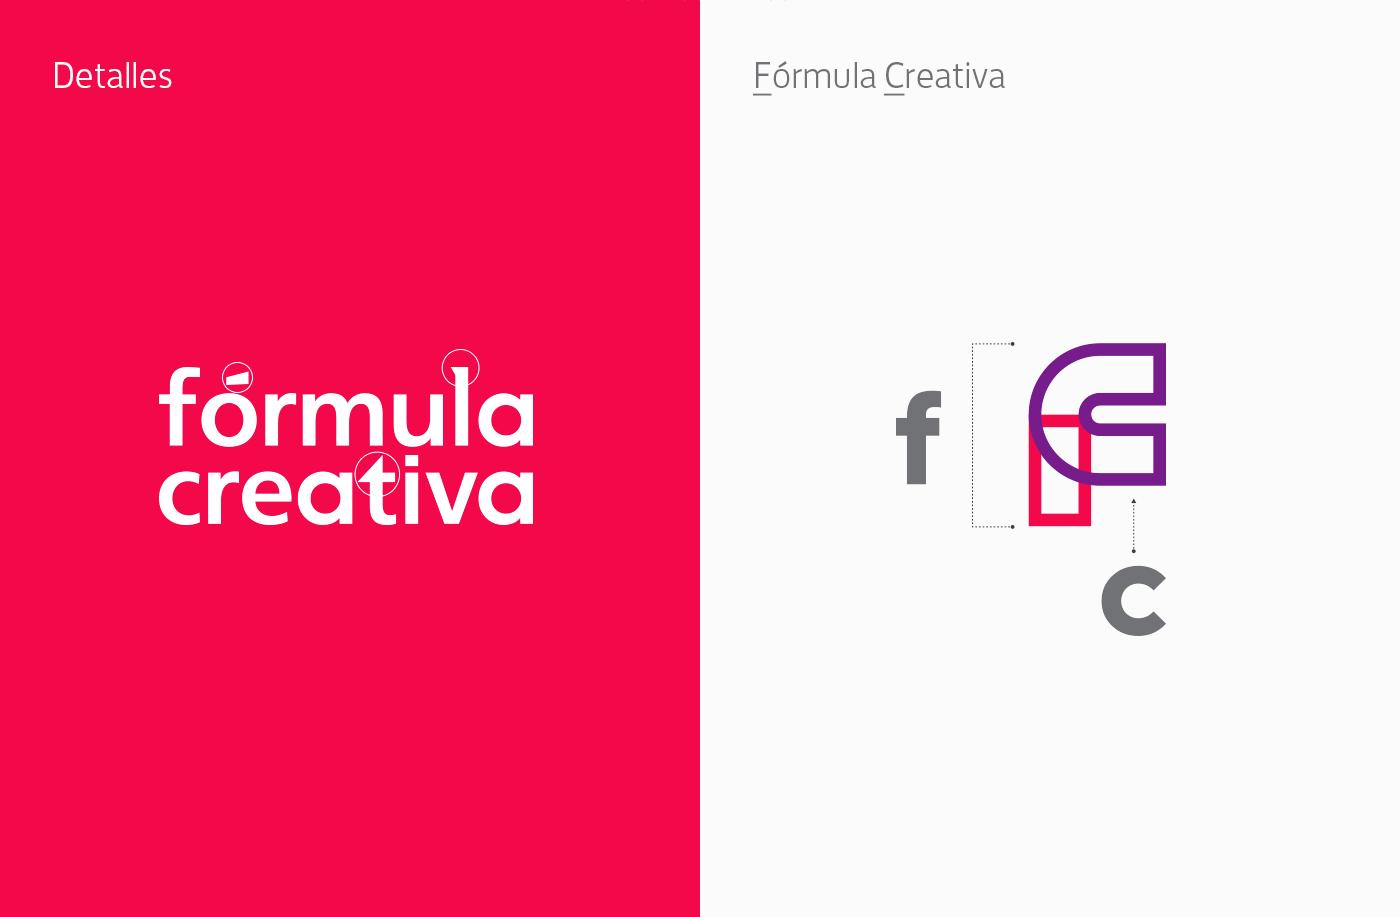 墨西哥设计工作室 Fórmula Creativa 品牌视觉设计 欣赏-第6张